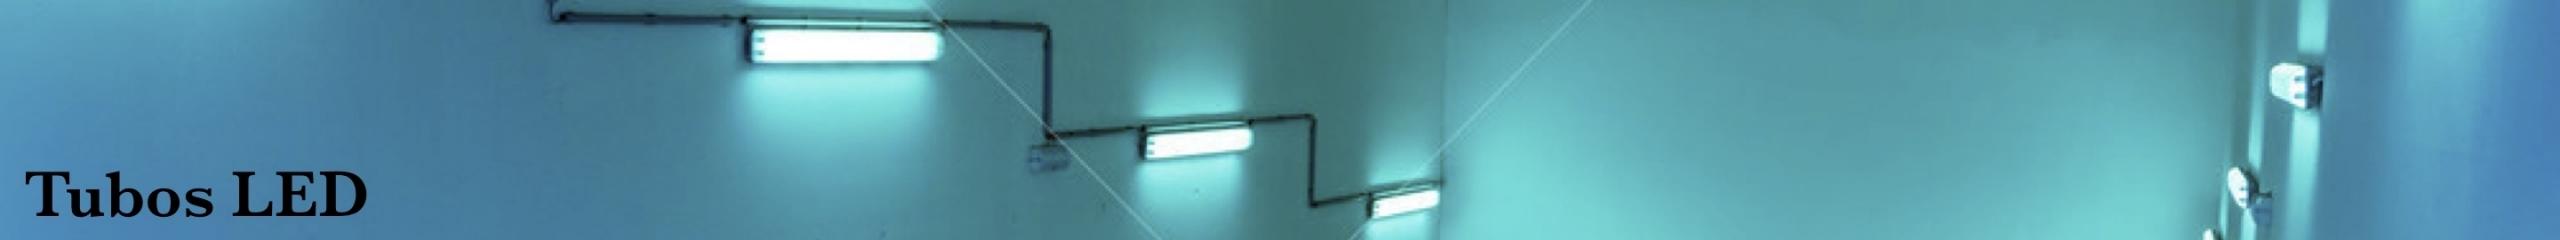 Tubos LED para Carnicerías